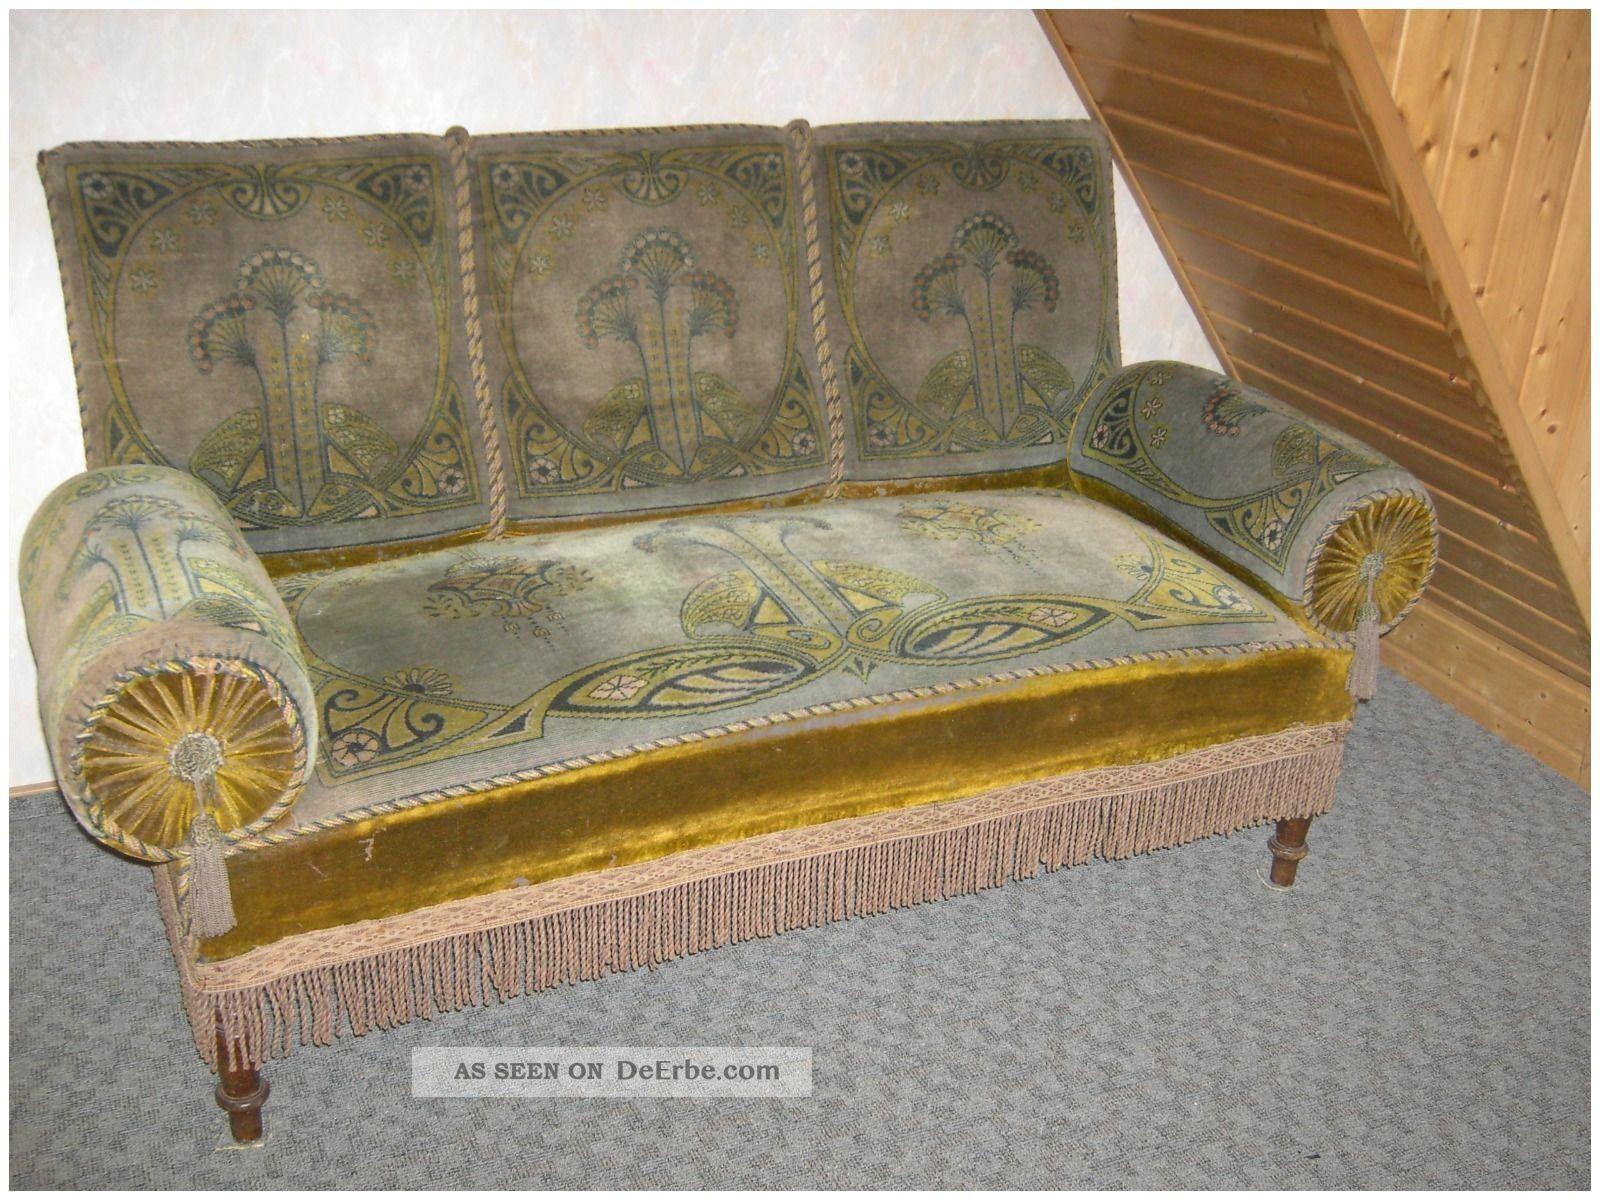 SofaFurnitureDecor KaufenRooms For Sofa Result Image Jugendstil jGqVLSUMzp